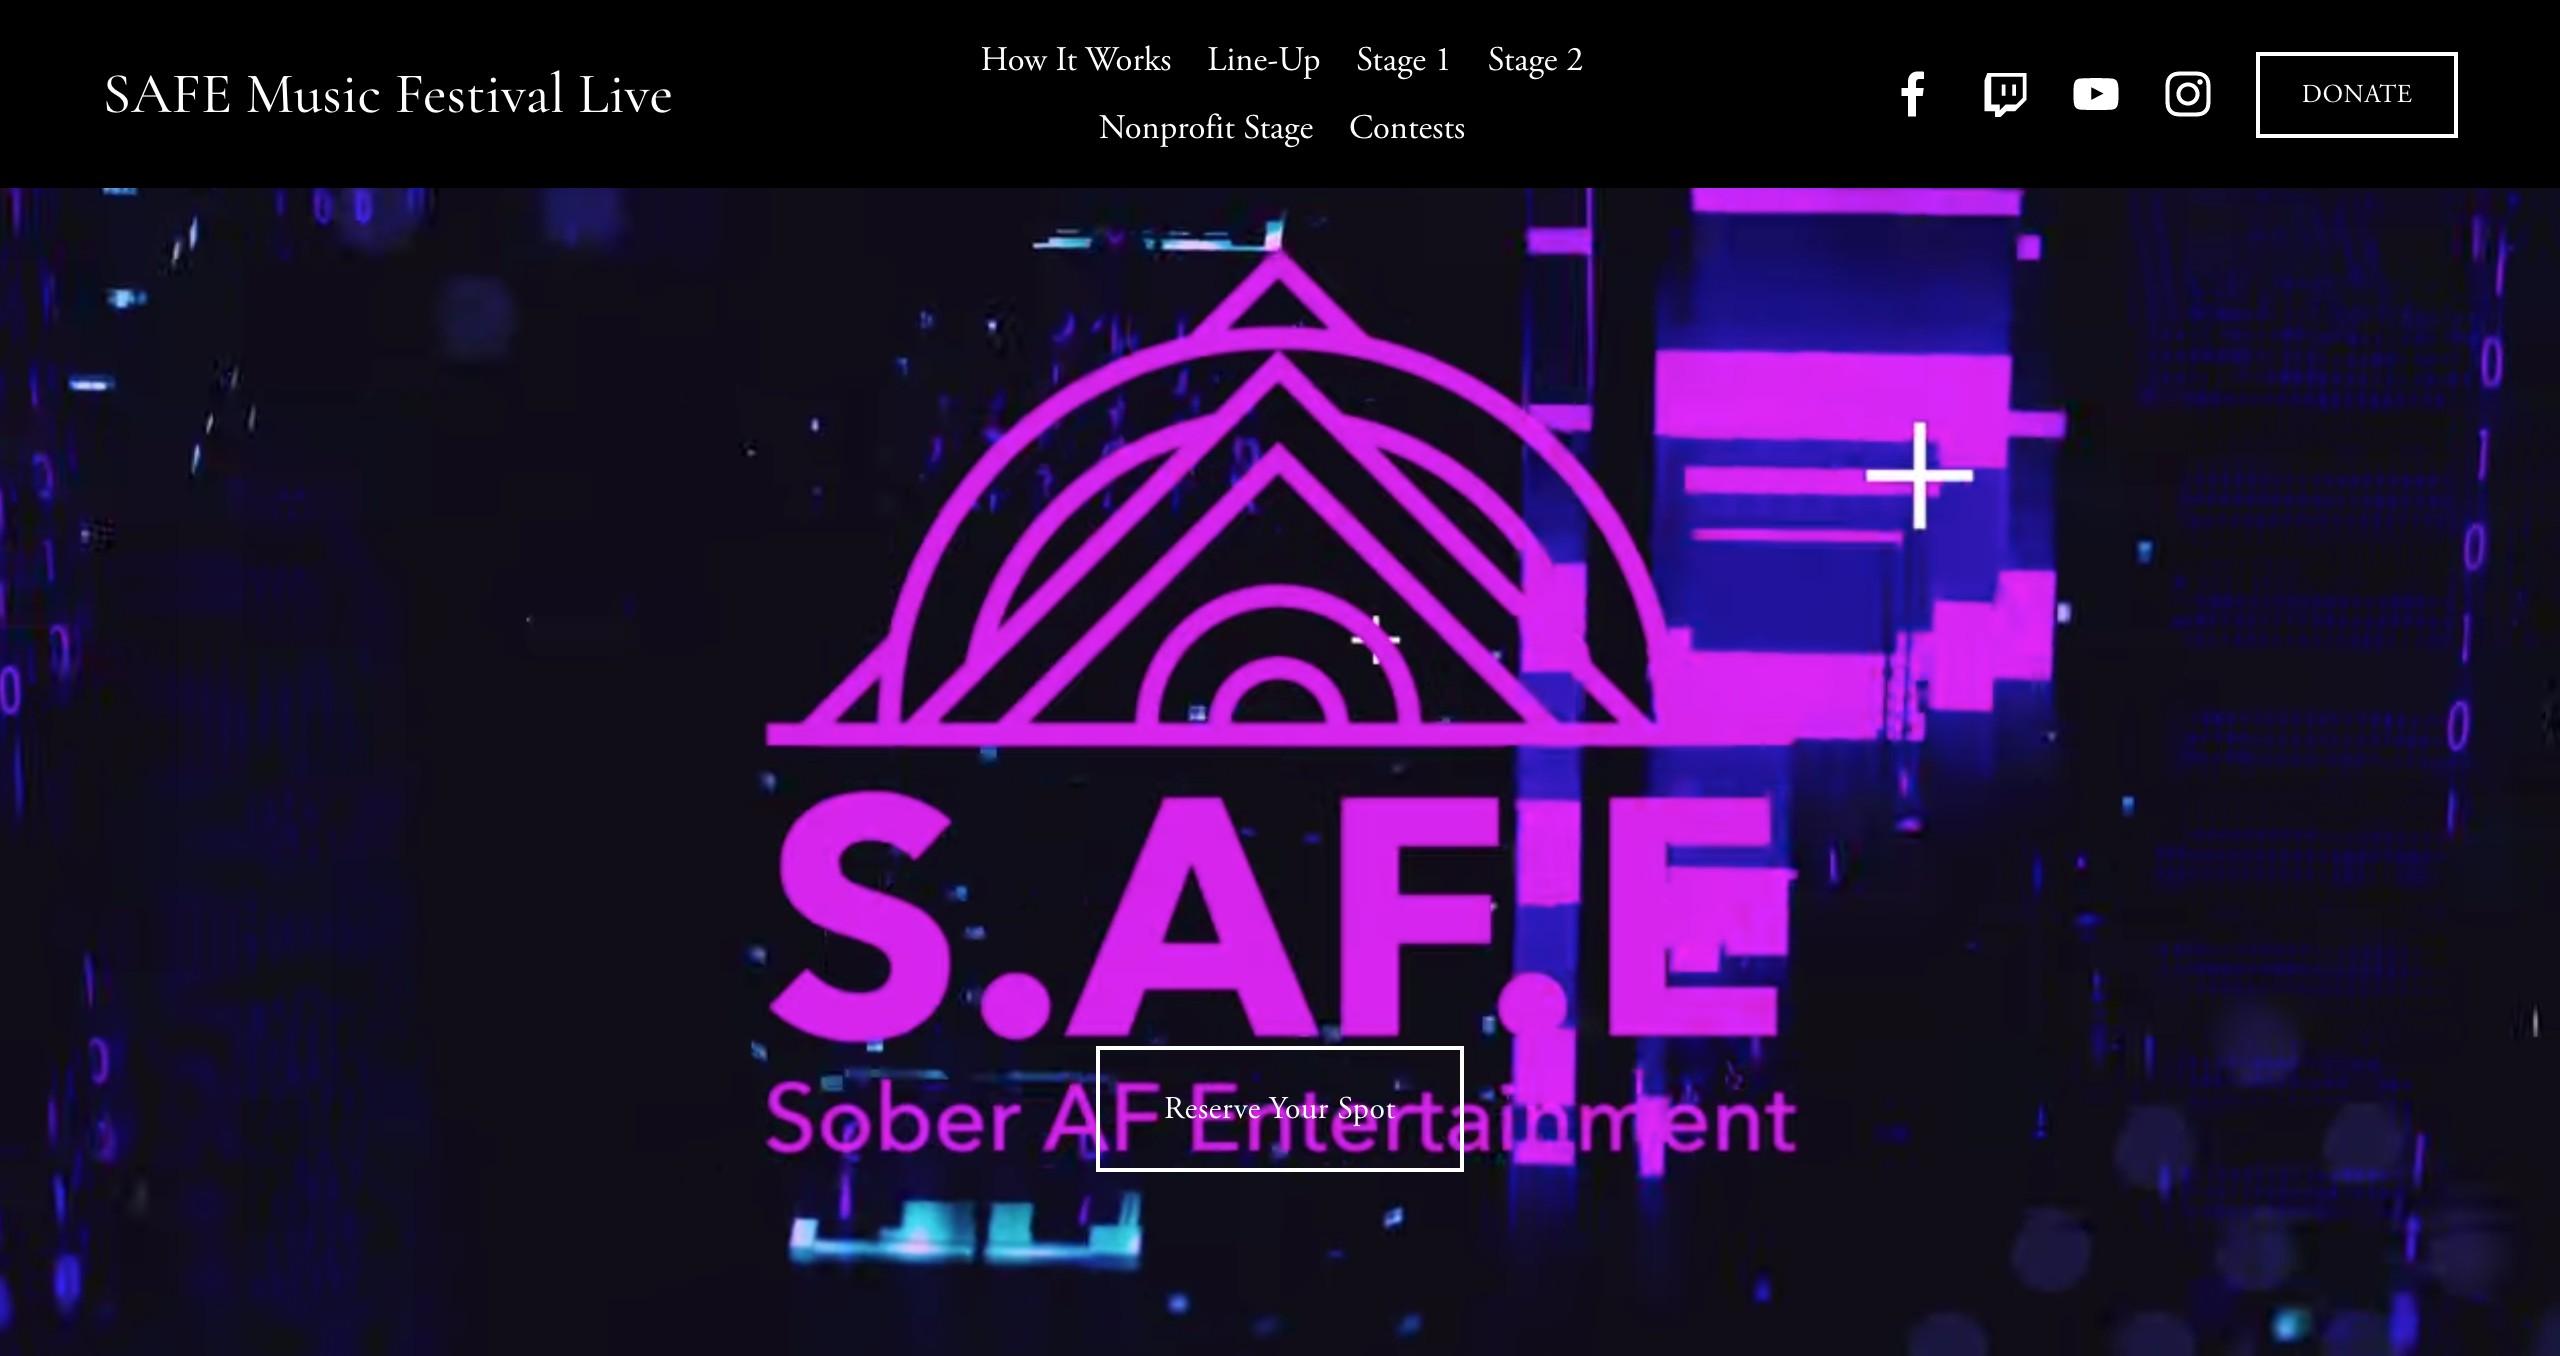 SAFE Music Festival Live Online